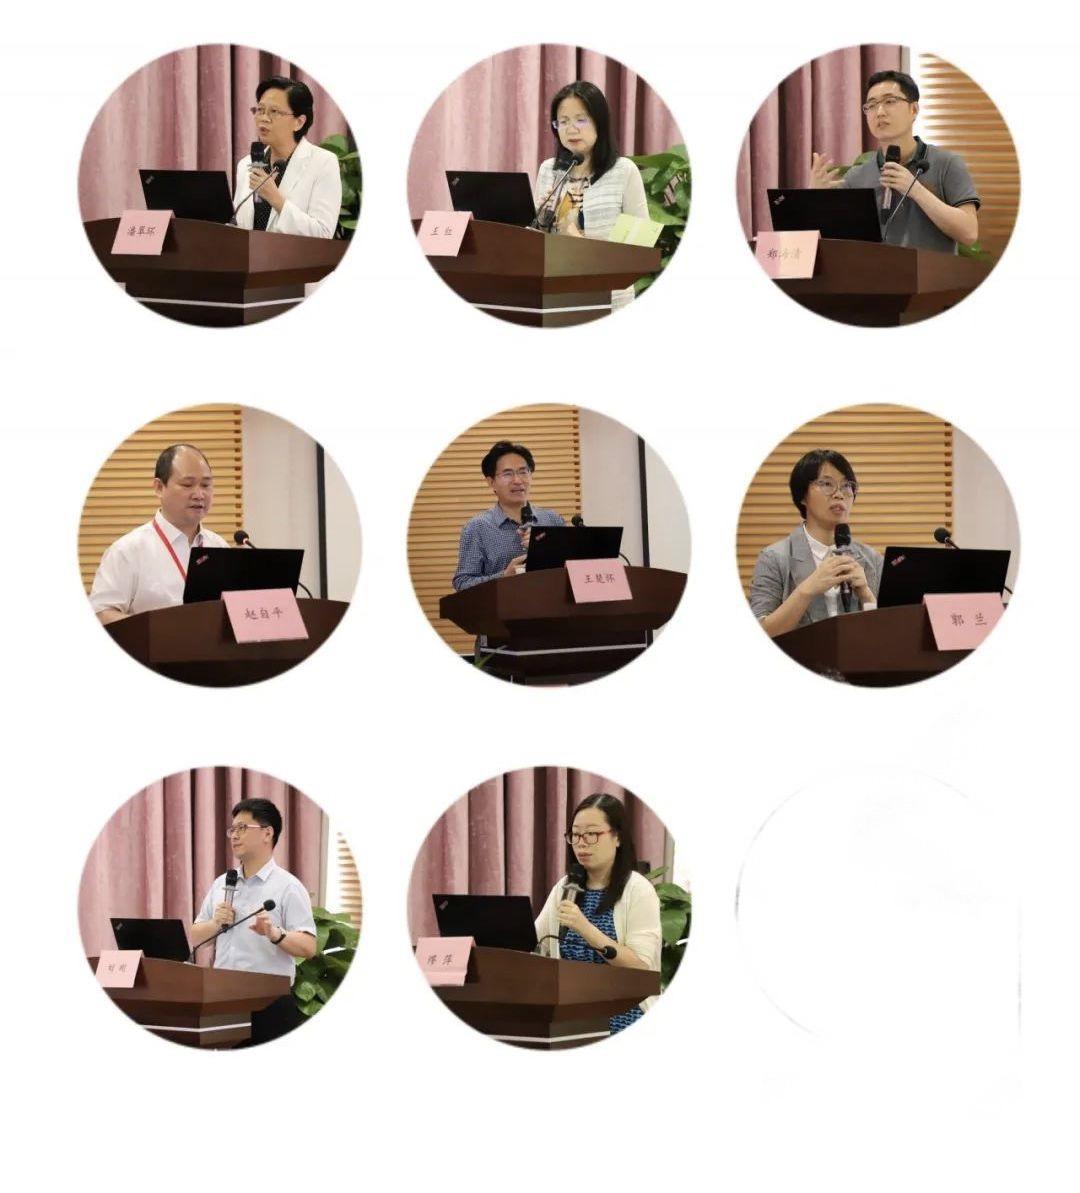 第二届「广州市老年康复论坛」在广州市东升医院隆重举行